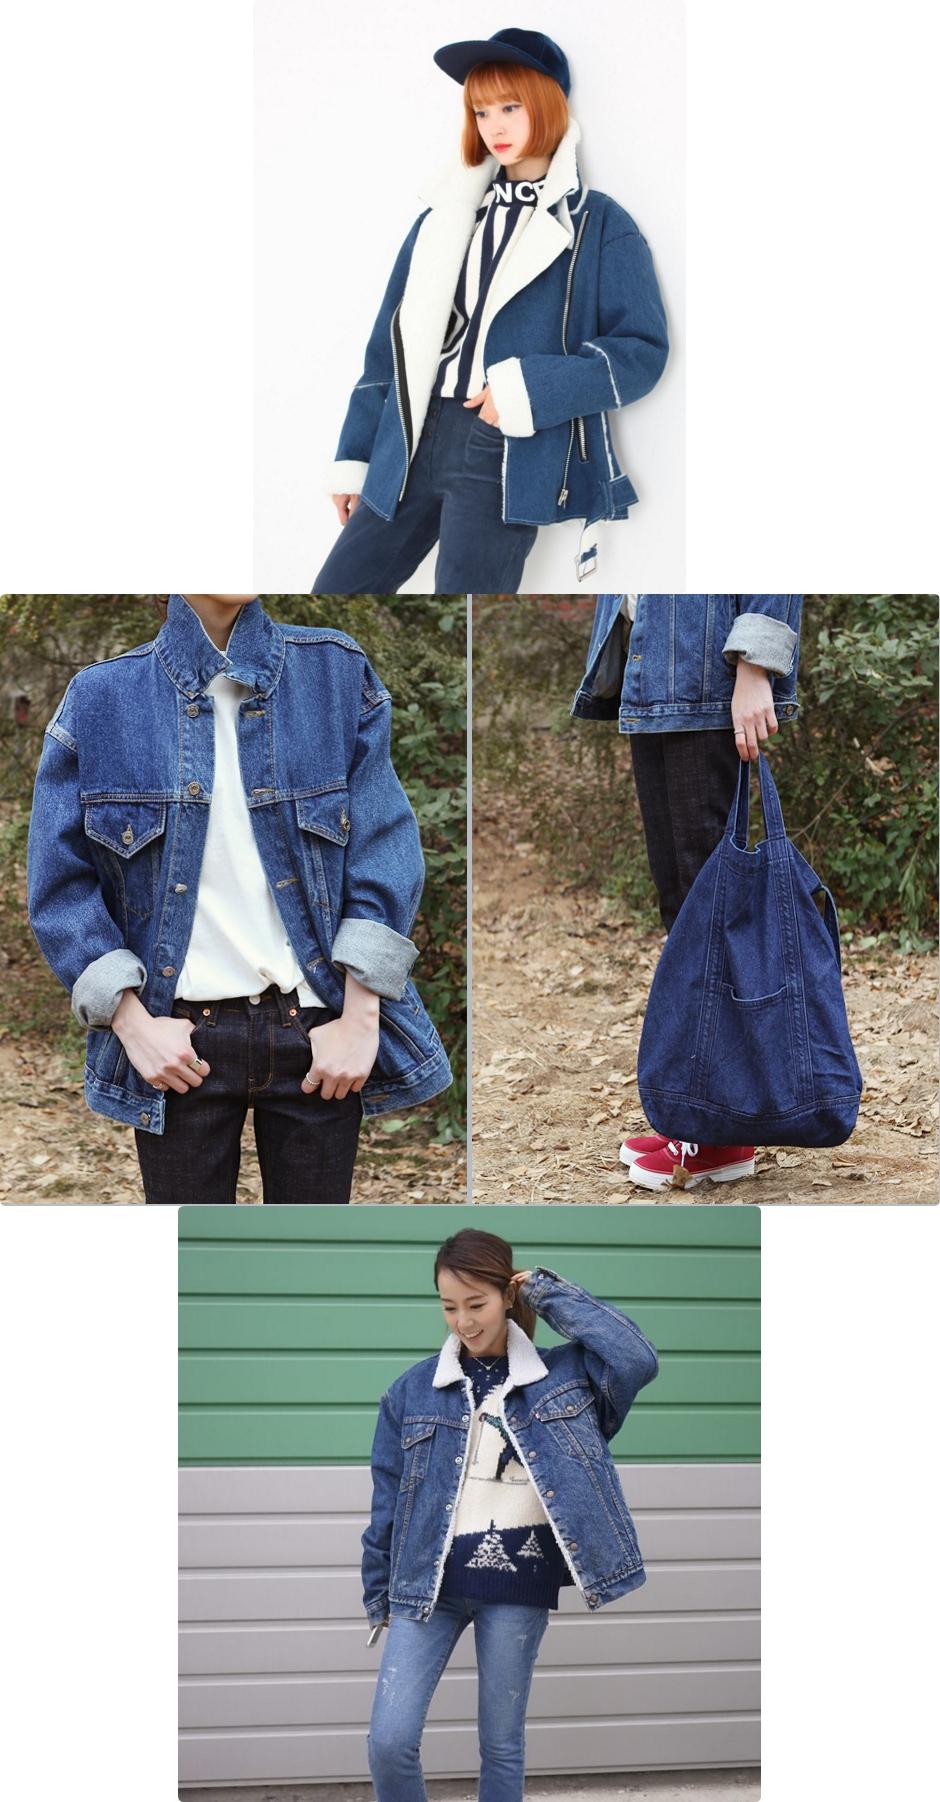 冬季的丹寧外套紛紛出現鋪棉、內刷毛的樣式 韓國女生通常會紮起頭髮展現乾淨的俐落感!!